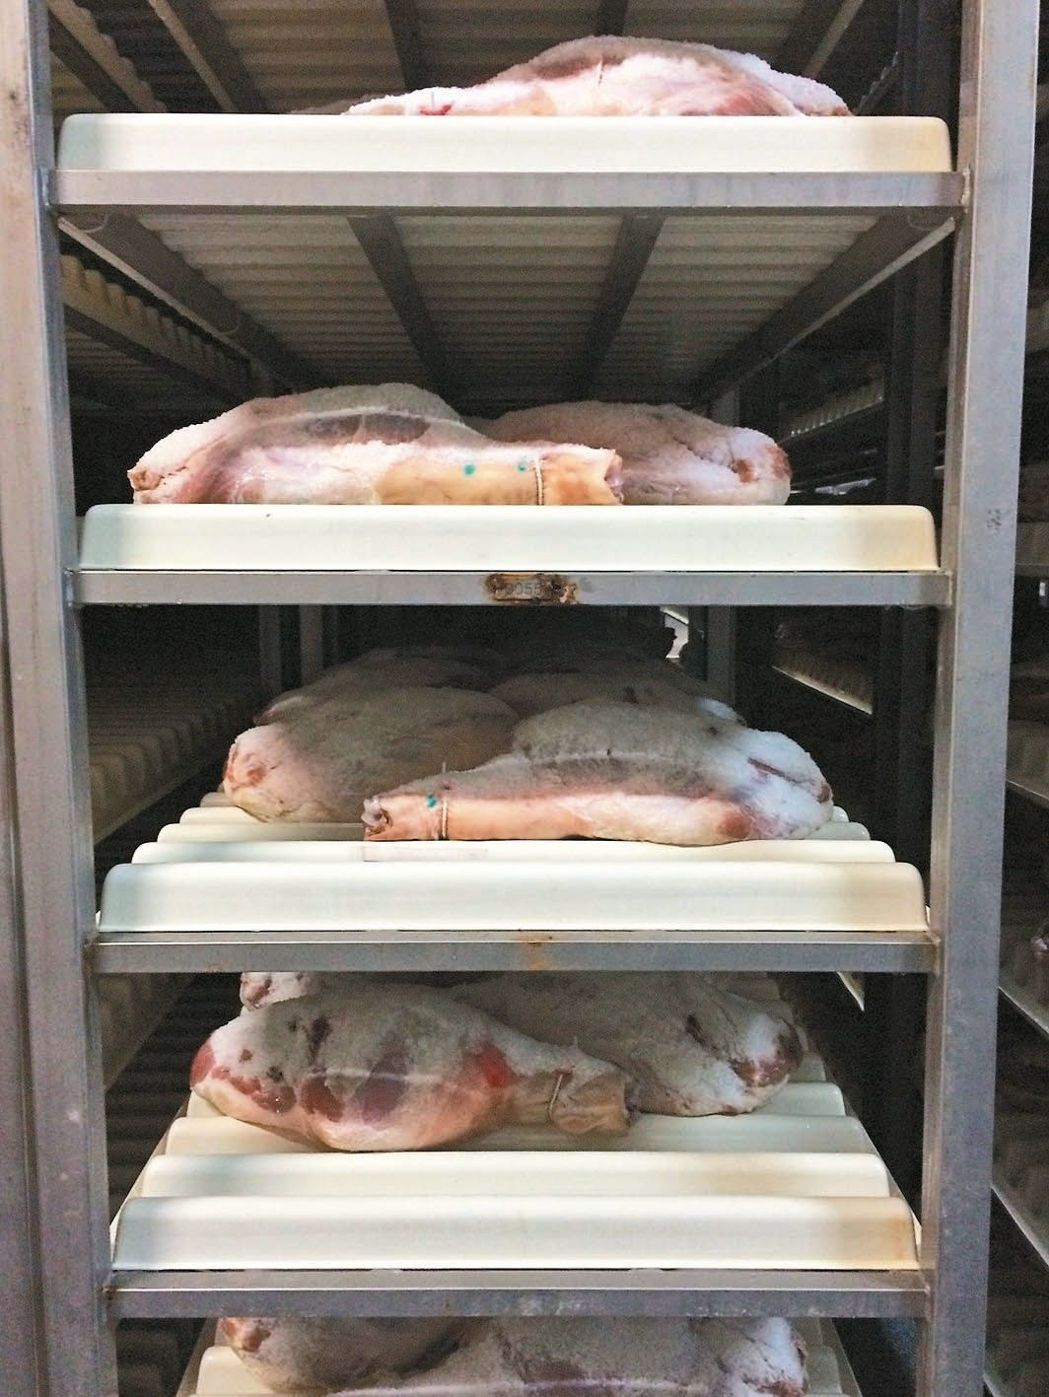 切割、修整:豬腿切割後放血,除去豬腿皮面的殘毛和汙物。 圖/陳靜宜